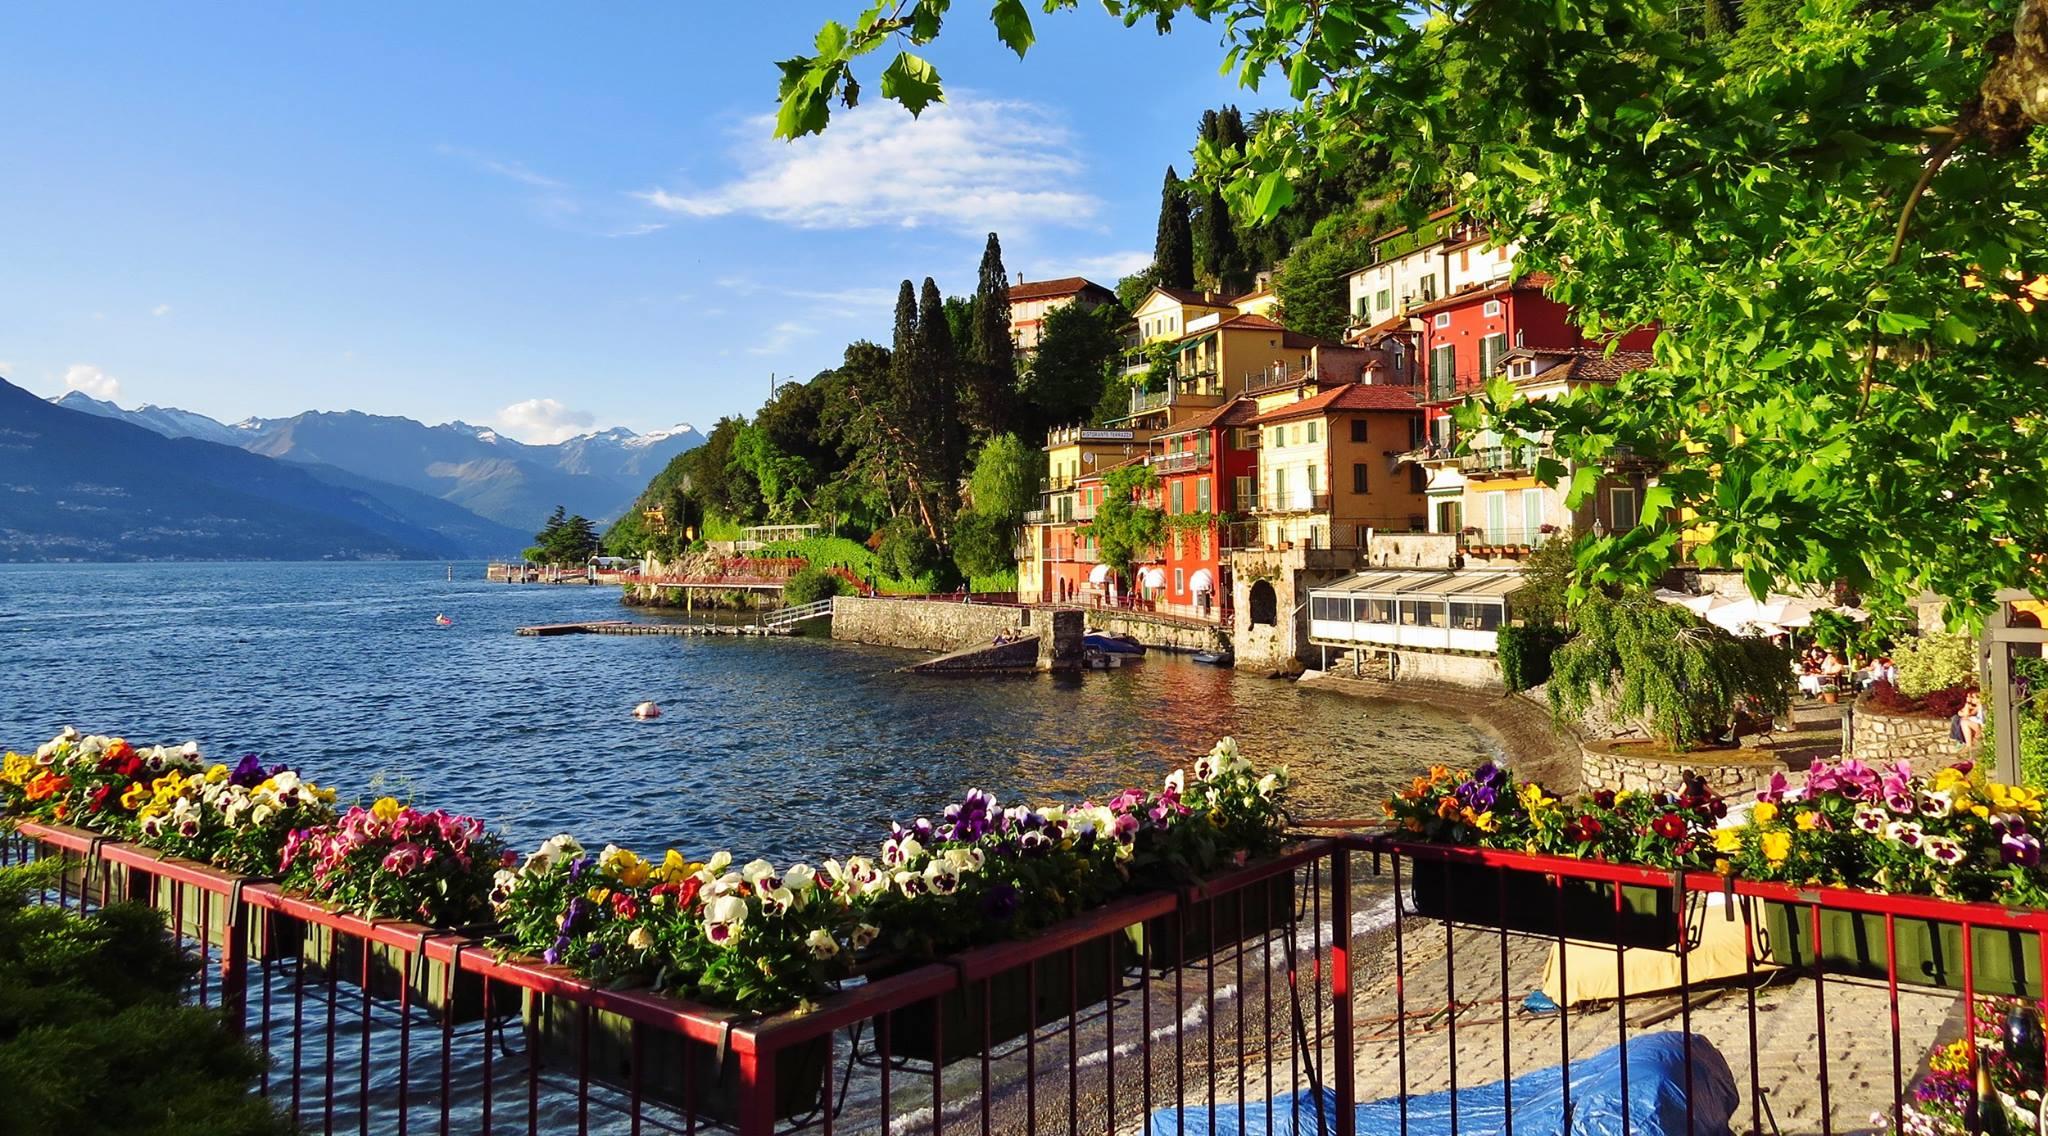 Mercato delle regioni a varenna lago di como e valsassina for Piani casa sul lago con portici